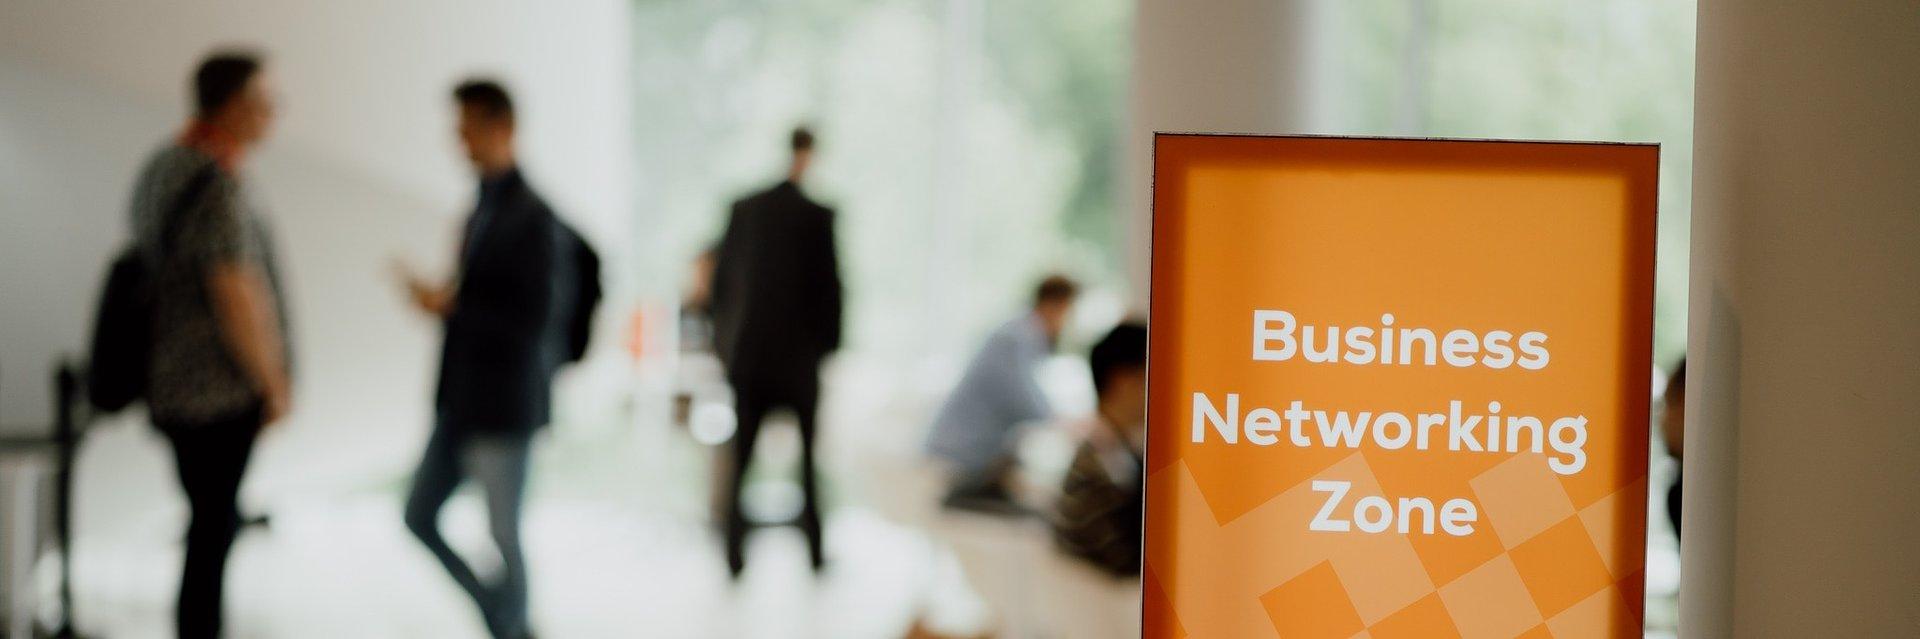 Digital Dragons Business Meet Up uruchamia bezpłatnie możliwość umawiania spotkań biznesowych